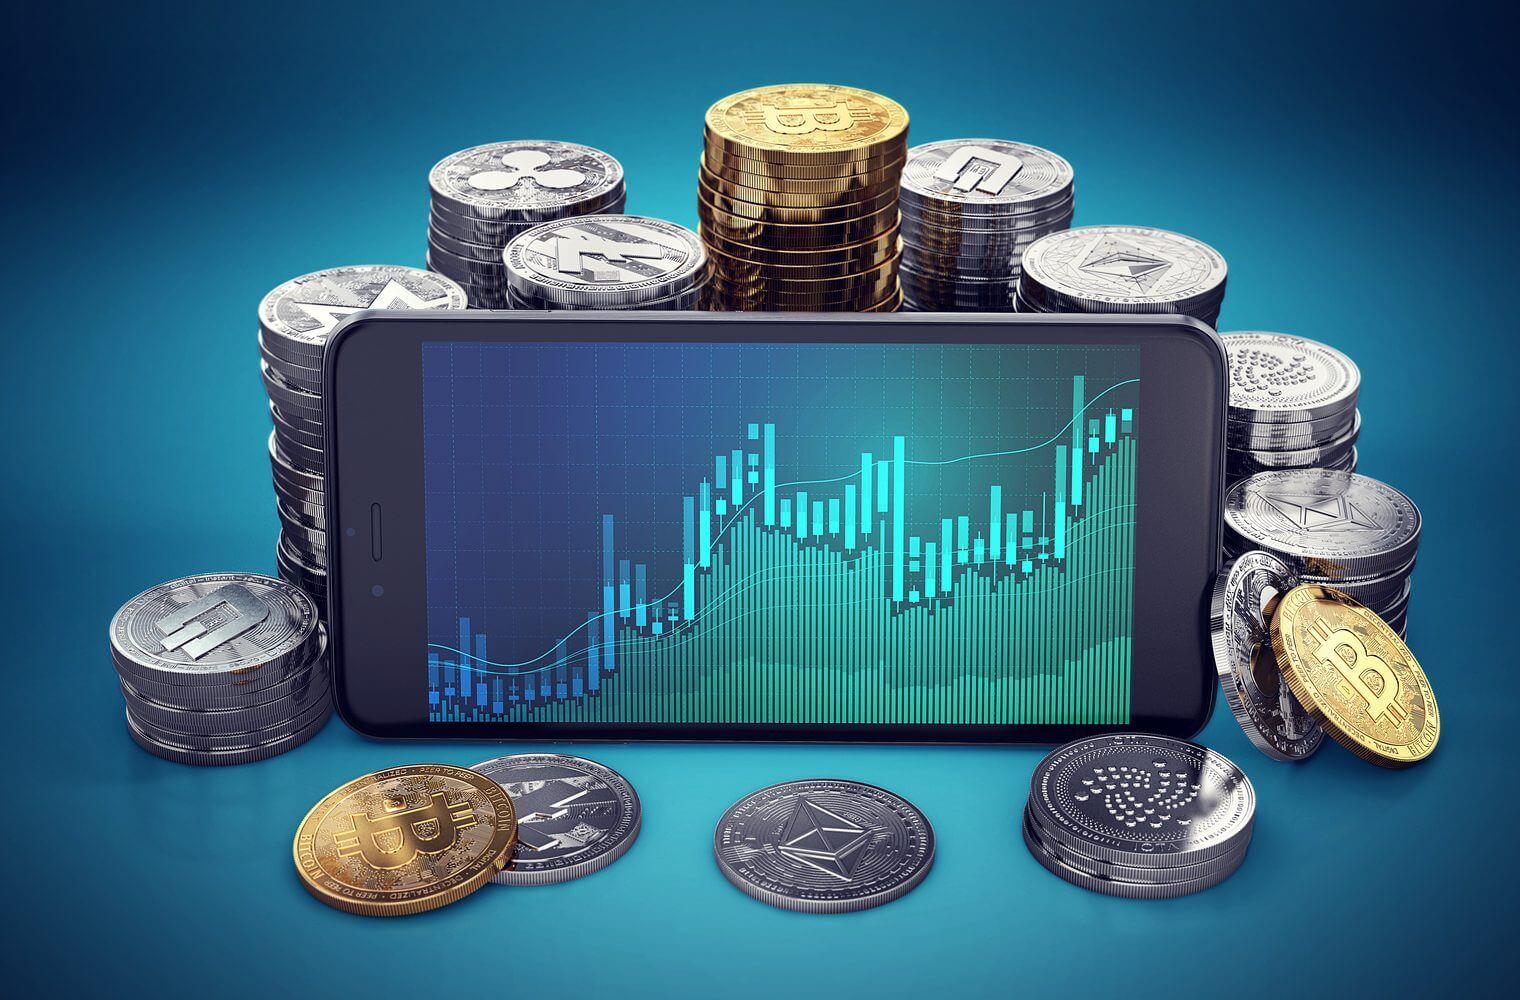 Kripto Para Nasıl Alınır? Satılır? 1 - Kripto Para Nasıl Alınır